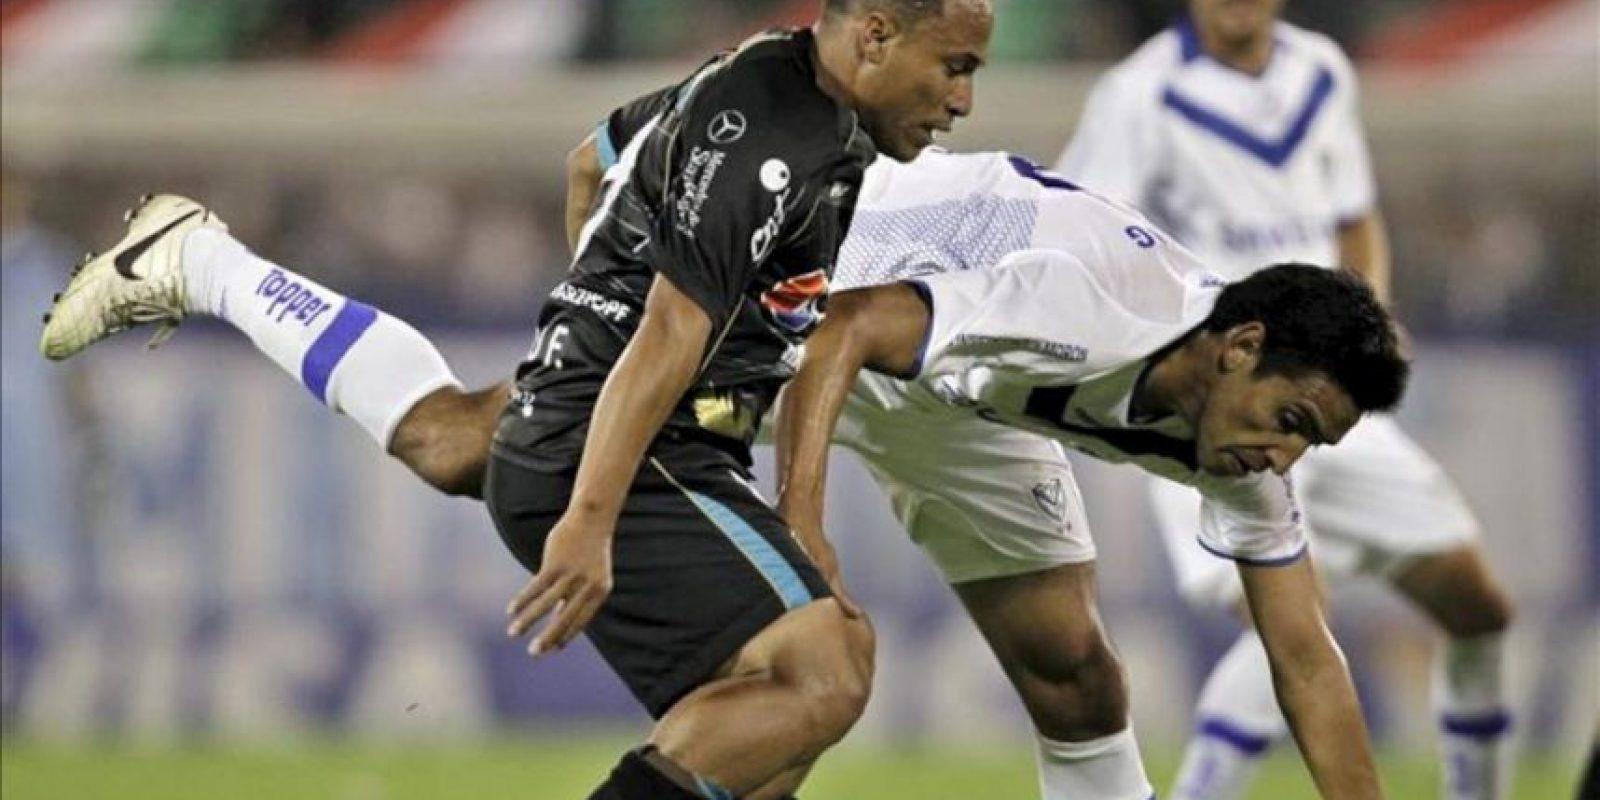 Victor Zapata (d) de Vélez y Benito Olivo González (i) de Deportivo Quito de Ecuador luchan por el balón durante el partido de segunda fase de la Copa Libertadores de América, disputado en el estadio José Amalfitani del club Vélez Sarsfield en Buenos Aires (Argentina). EFE